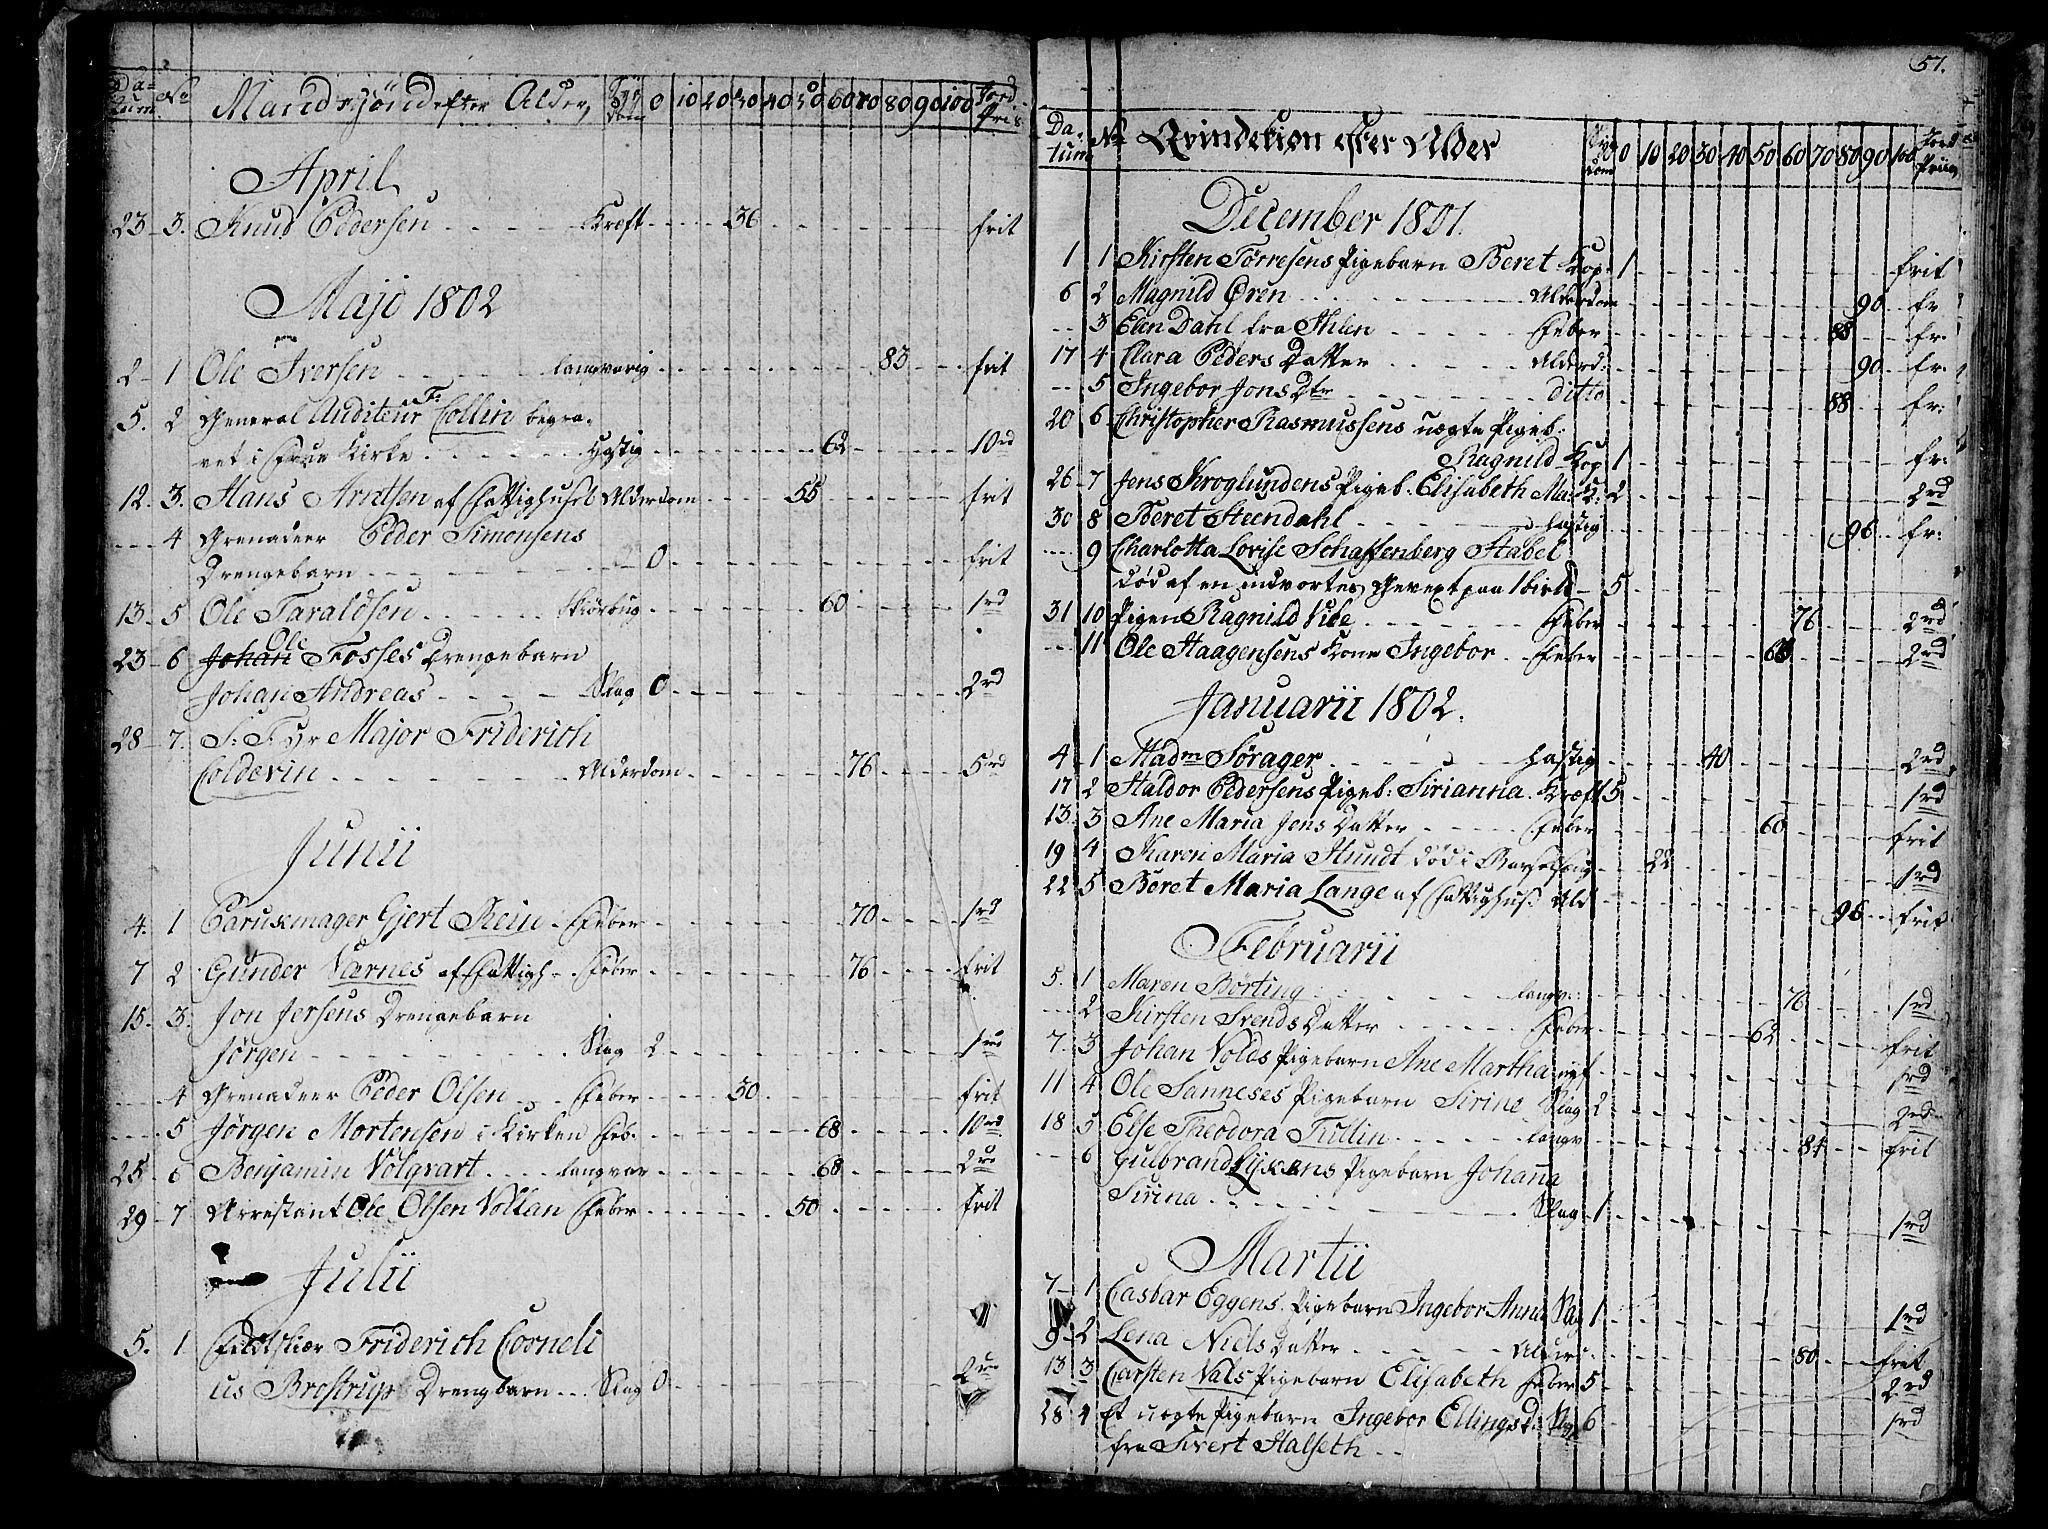 SAT, Ministerialprotokoller, klokkerbøker og fødselsregistre - Sør-Trøndelag, 601/L0040: Ministerialbok nr. 601A08, 1783-1818, s. 57